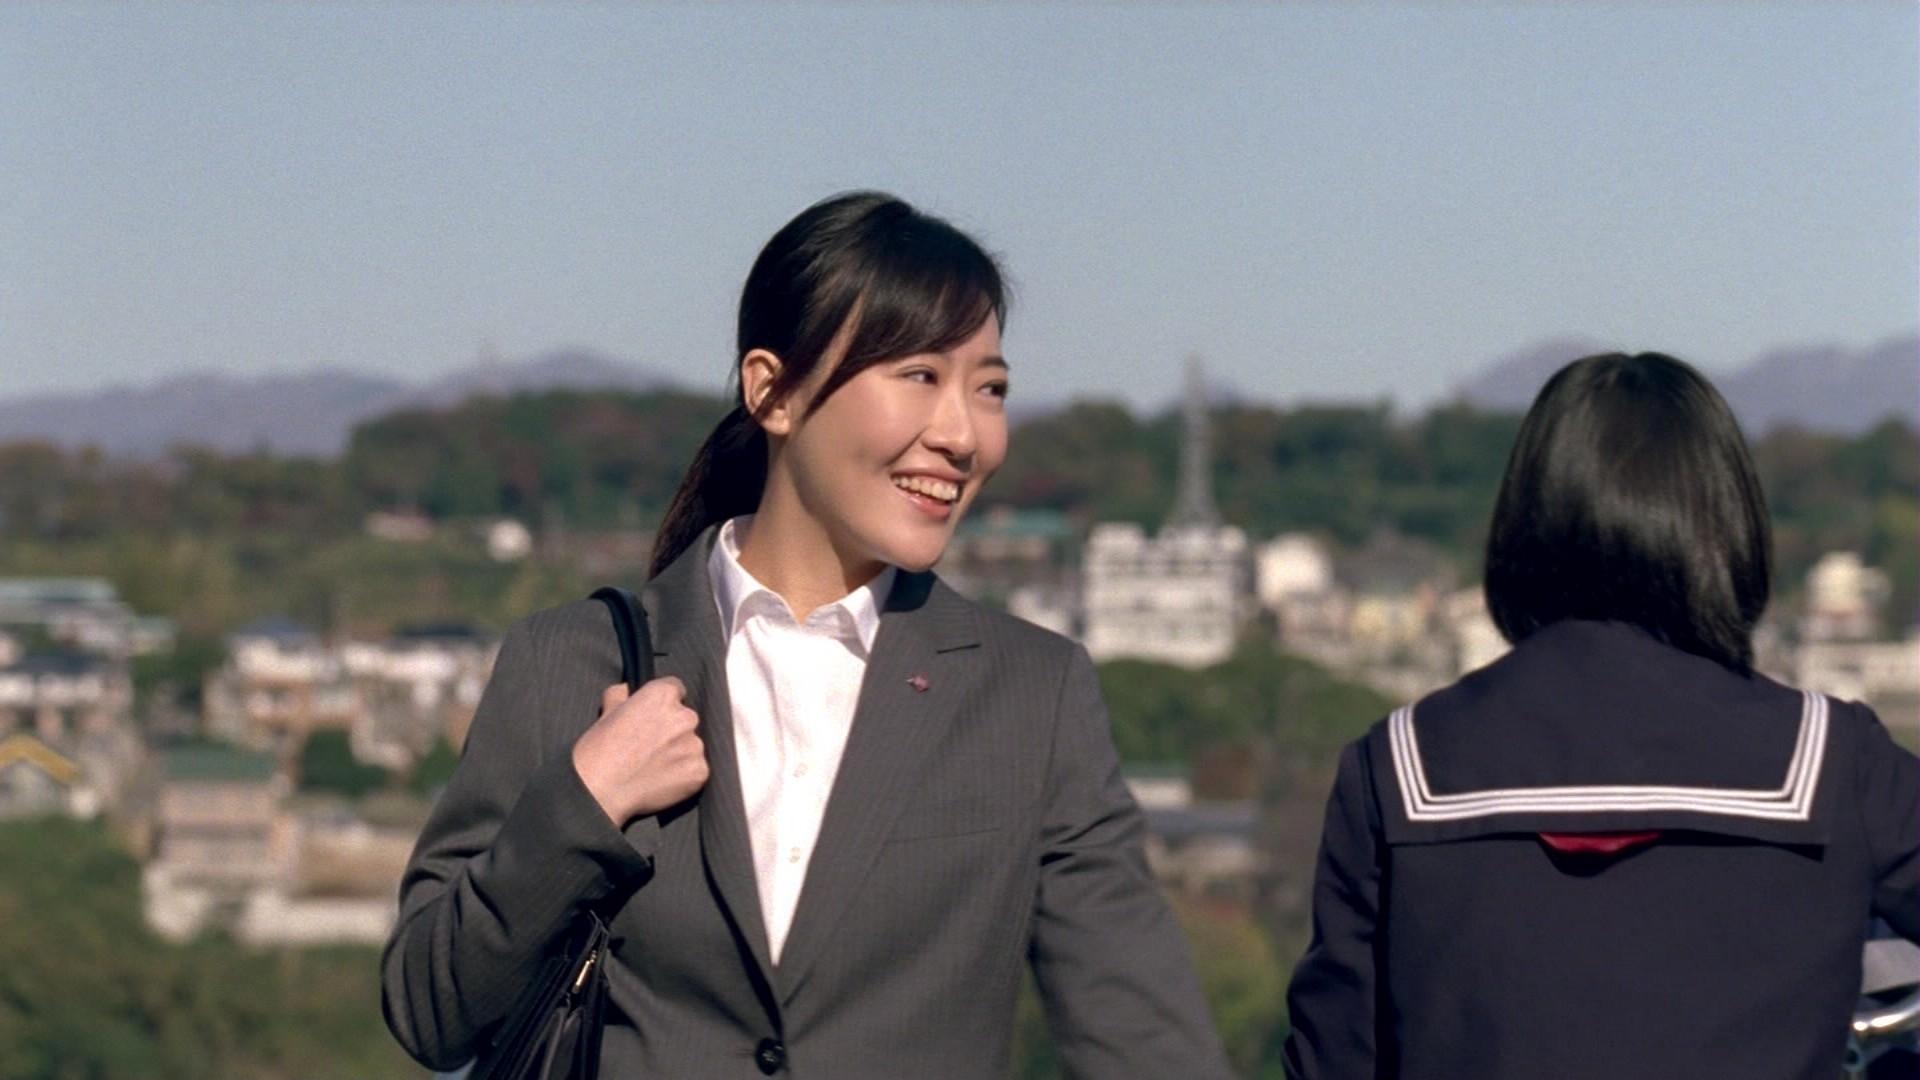 子役時代から大活躍♡女優・前田亜季さんの現在の活躍とは?のサムネイル画像